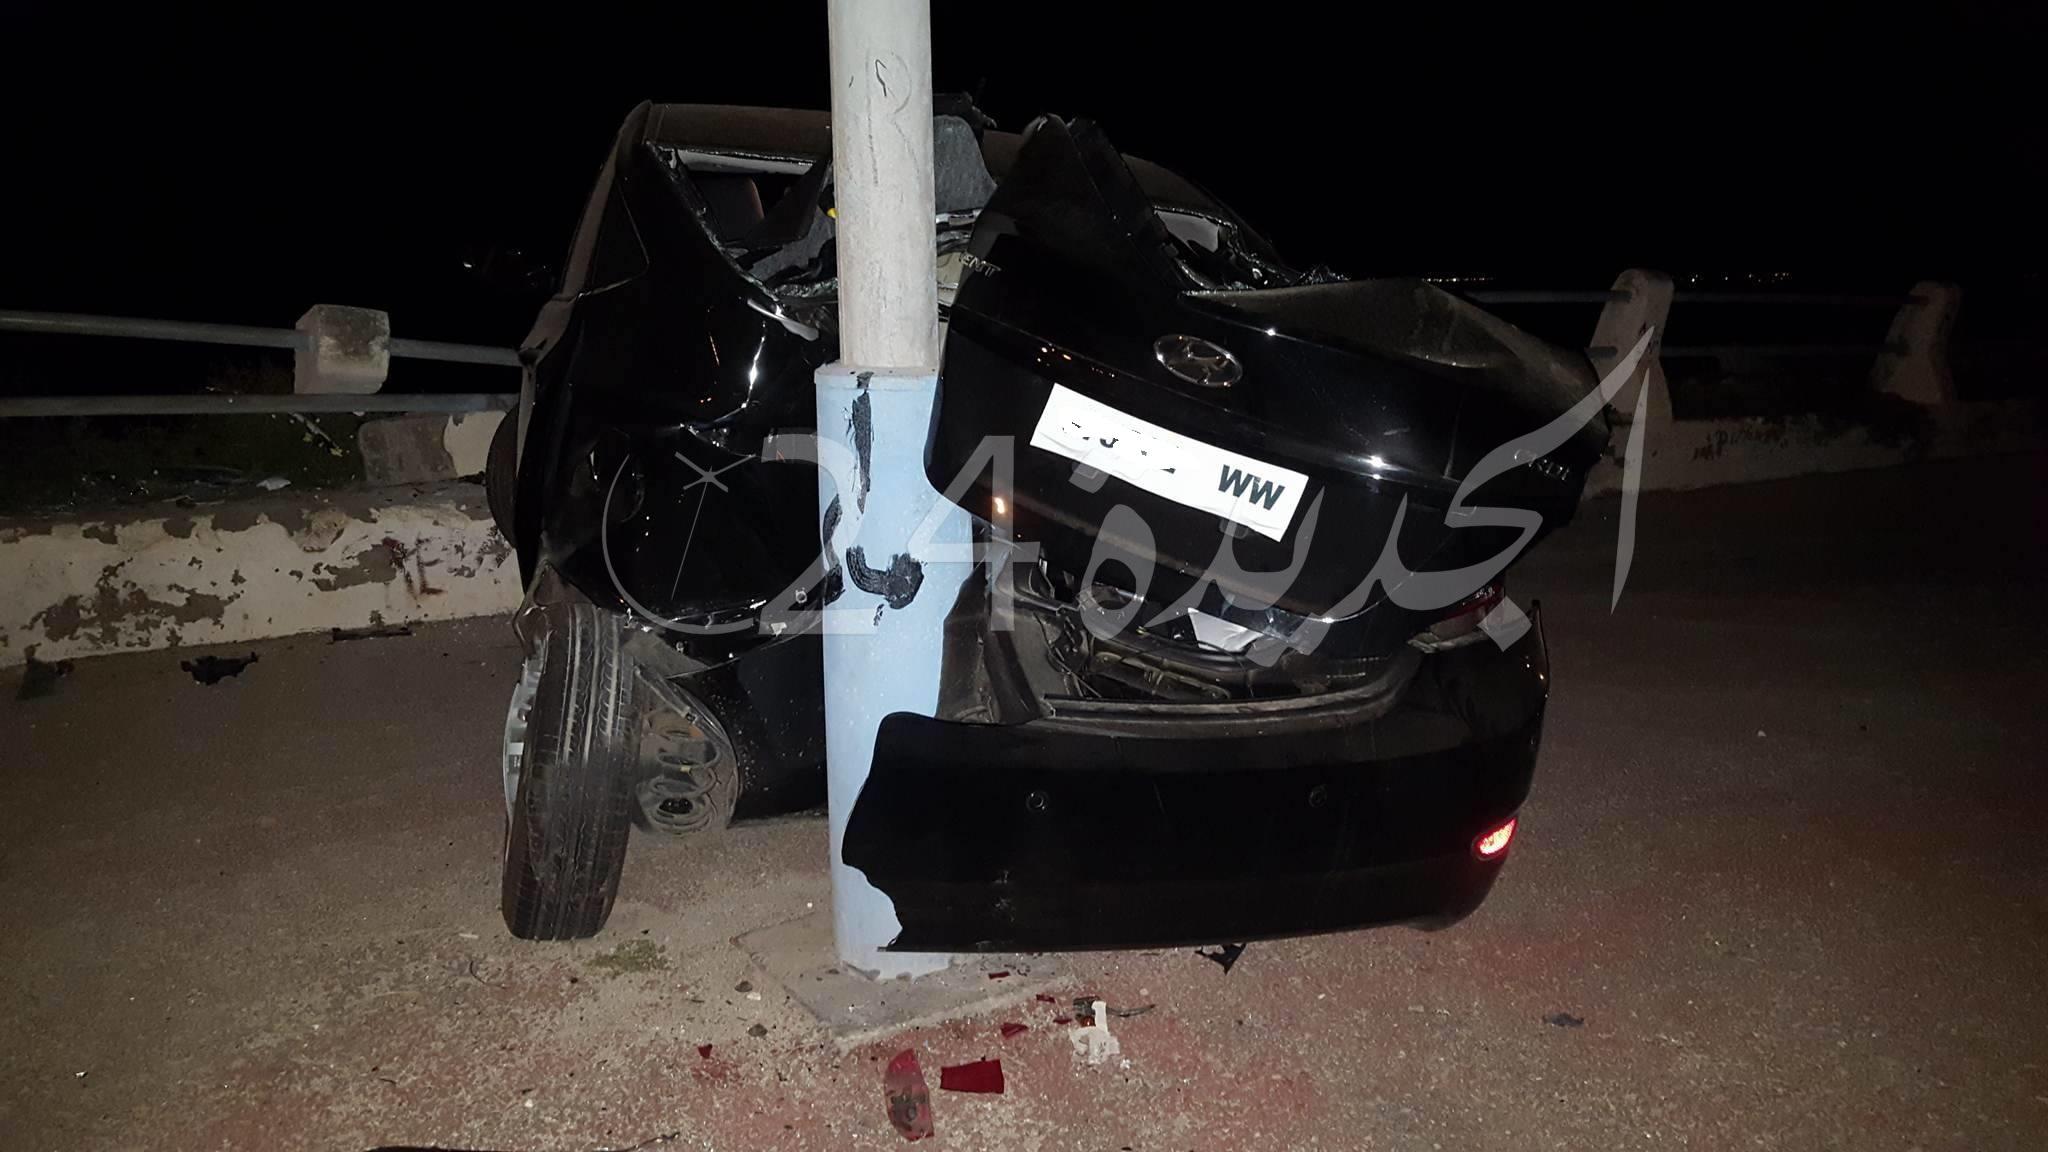 شاهد بالصور.. حادثة سير غريبة في وقت متأخر من الليل في شارع النصر بالجديدة